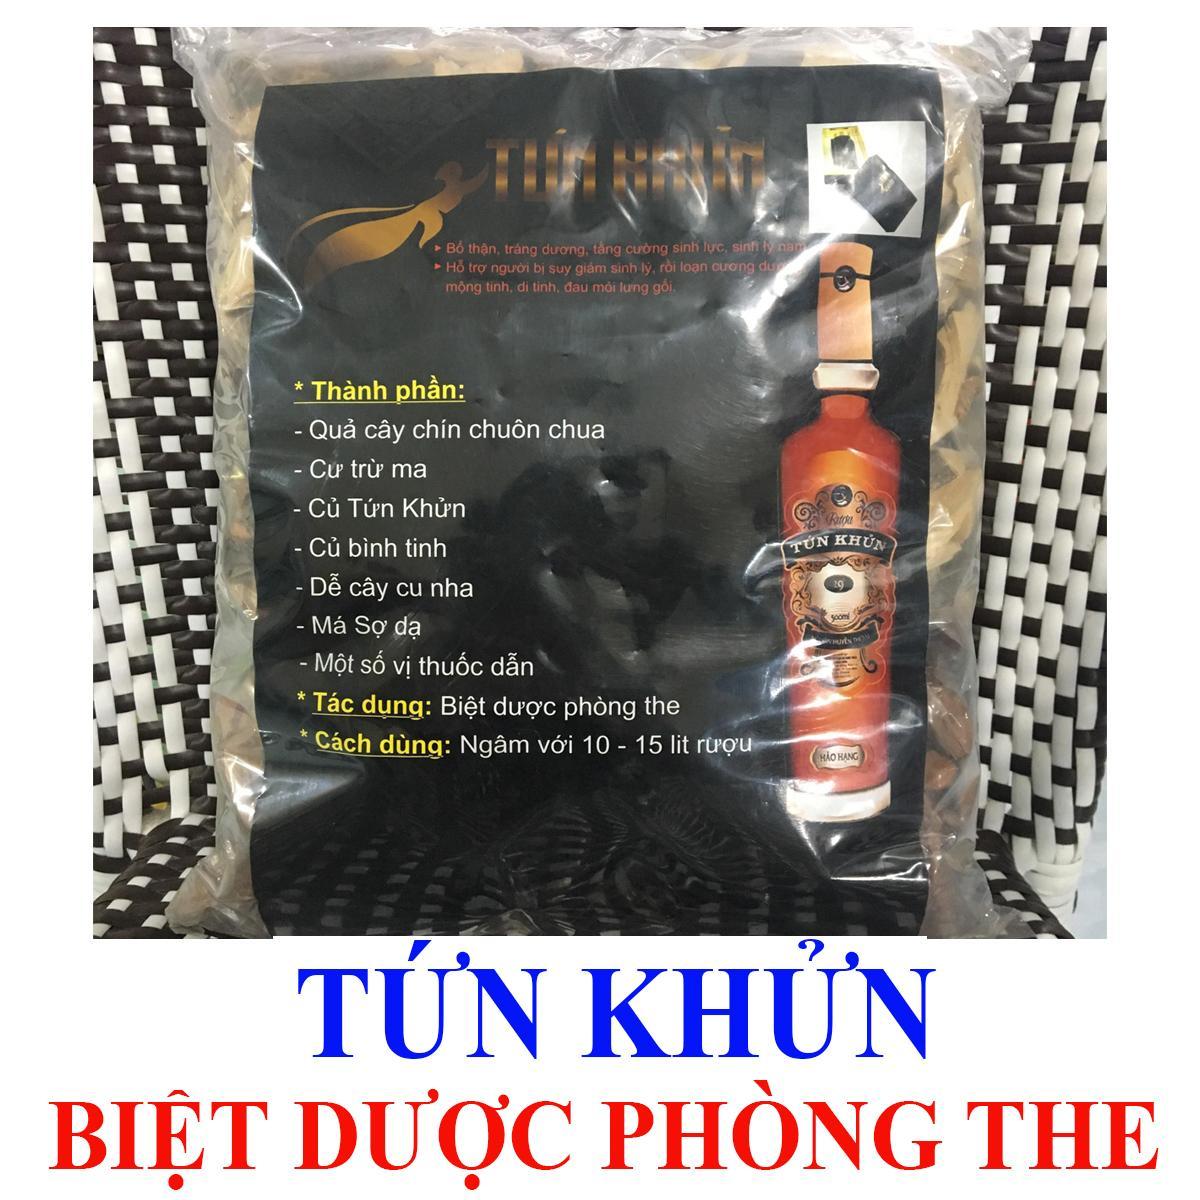 Tứn Khửn - Biệt dược phòng the người HMong nhập khẩu